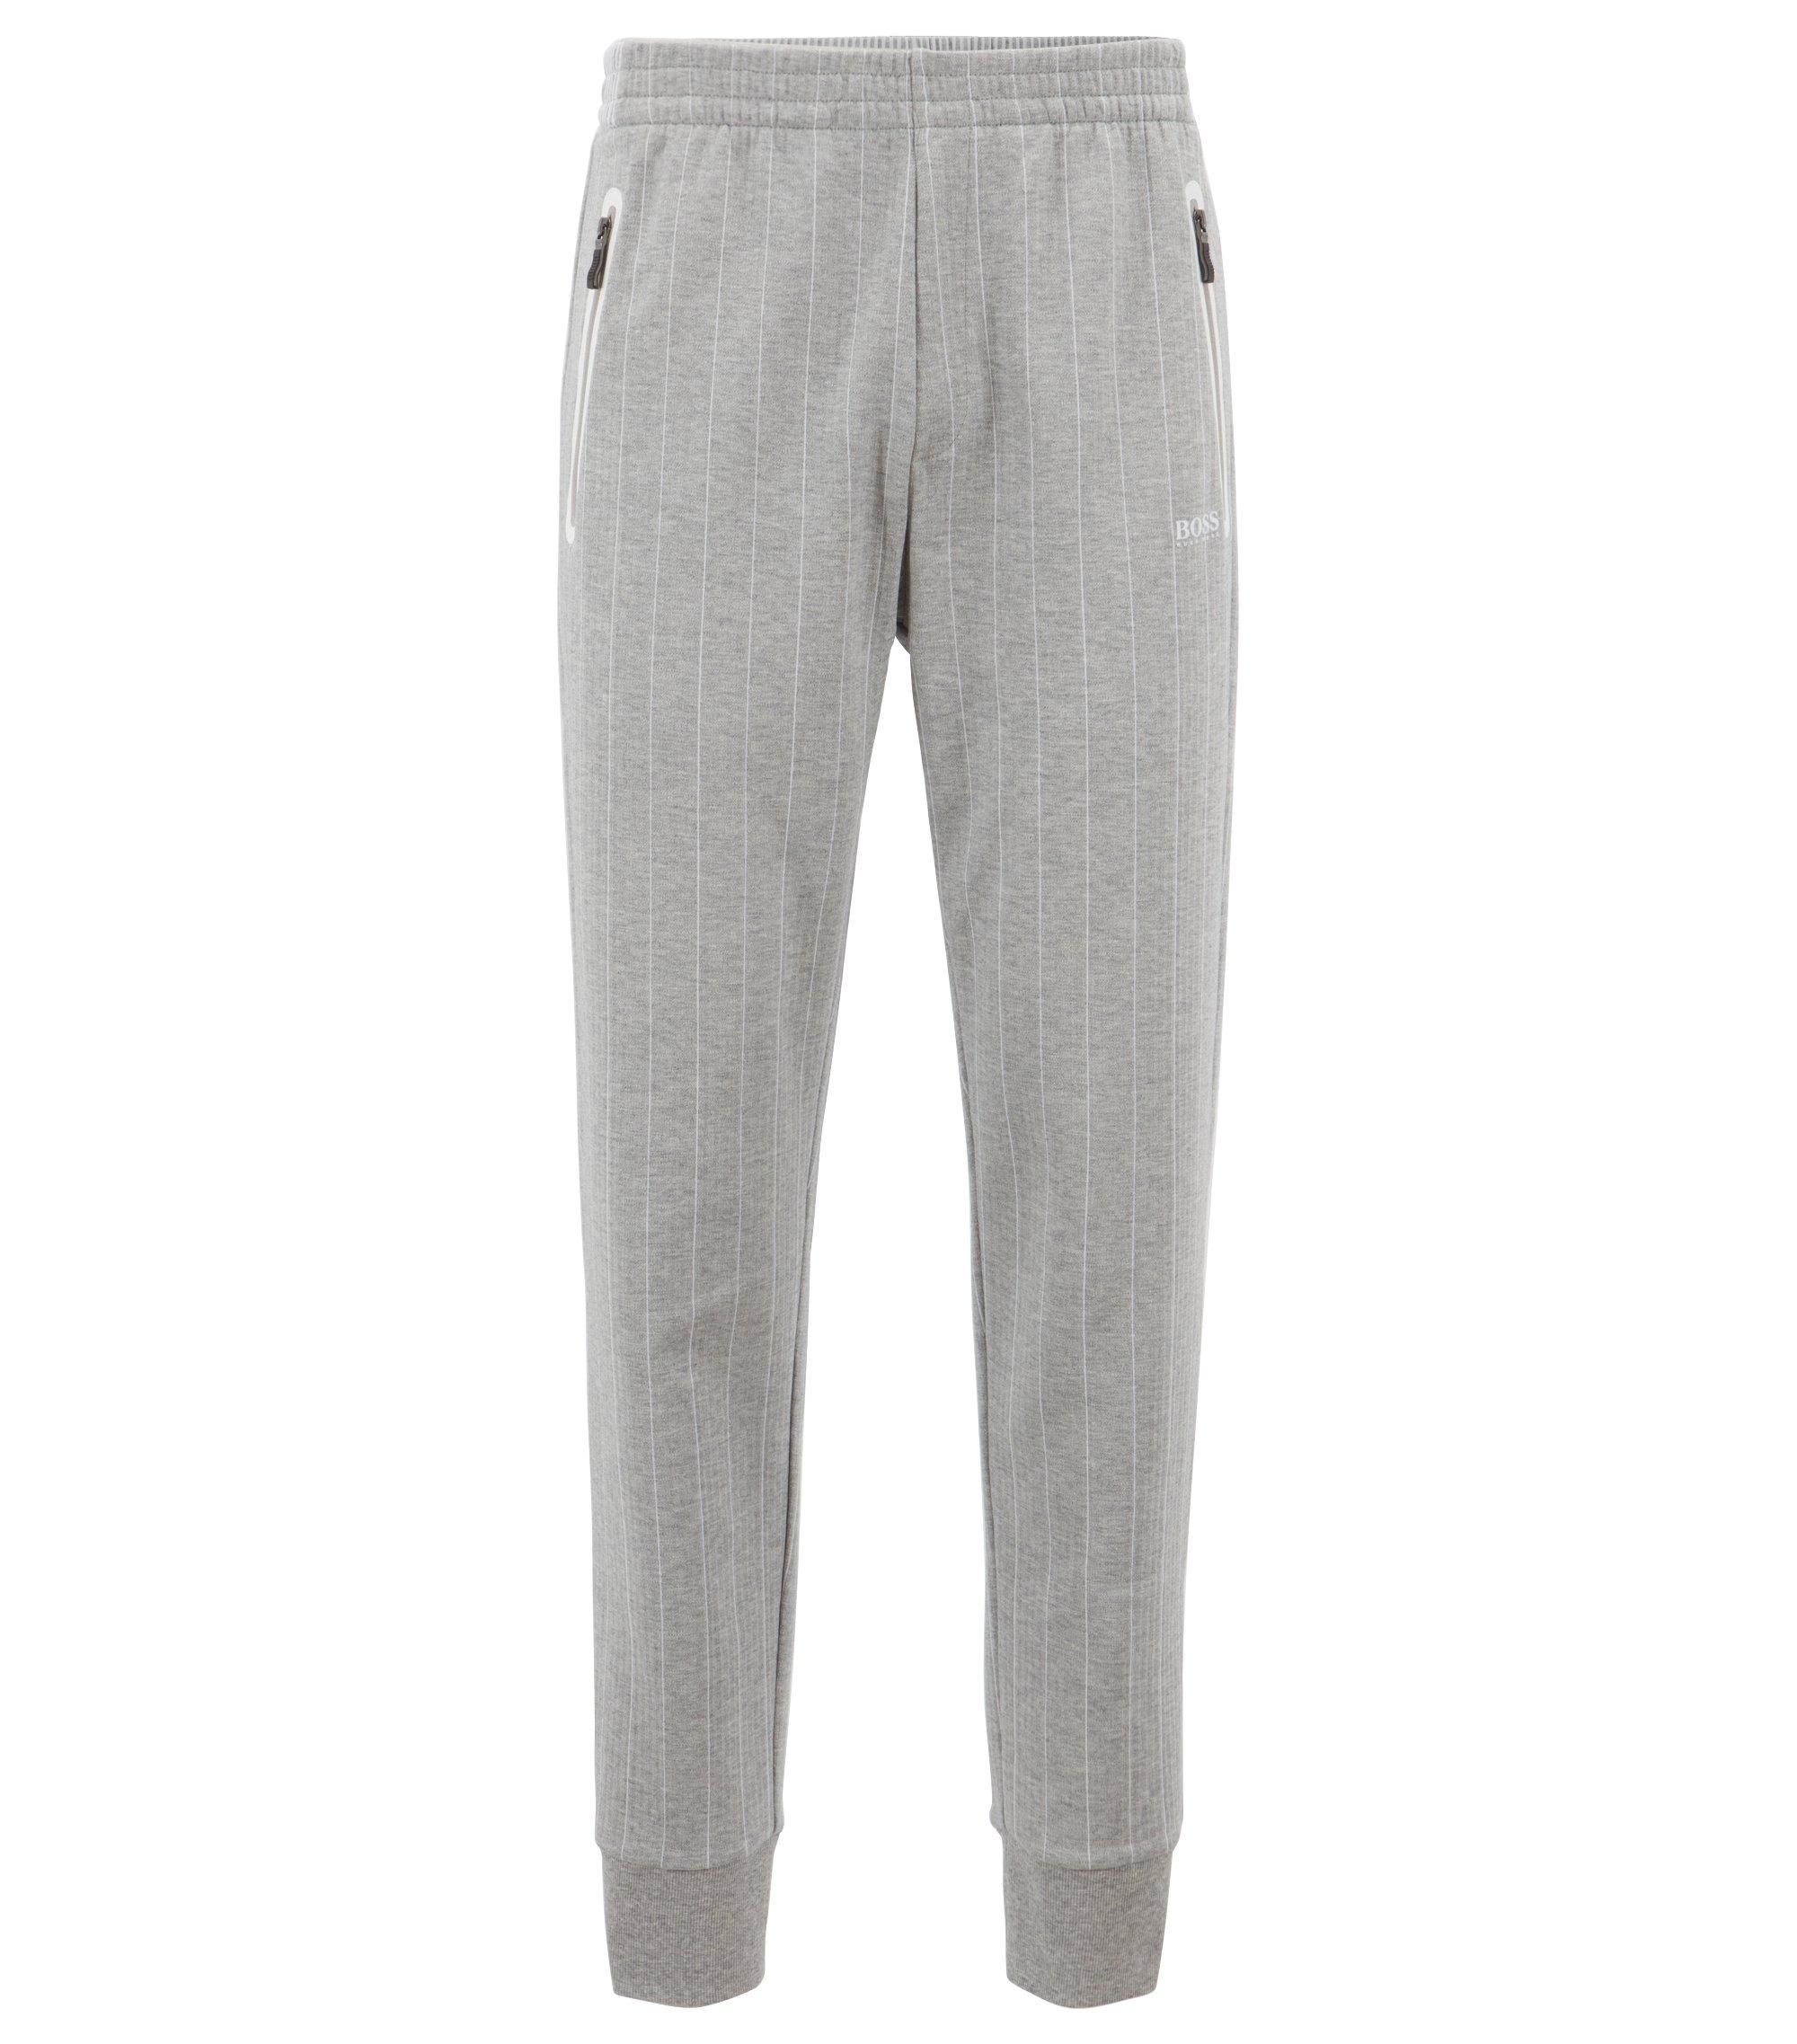 Pantalon de jogging resserré au bas des jambes en coton double face à rayures tennis, Gris chiné